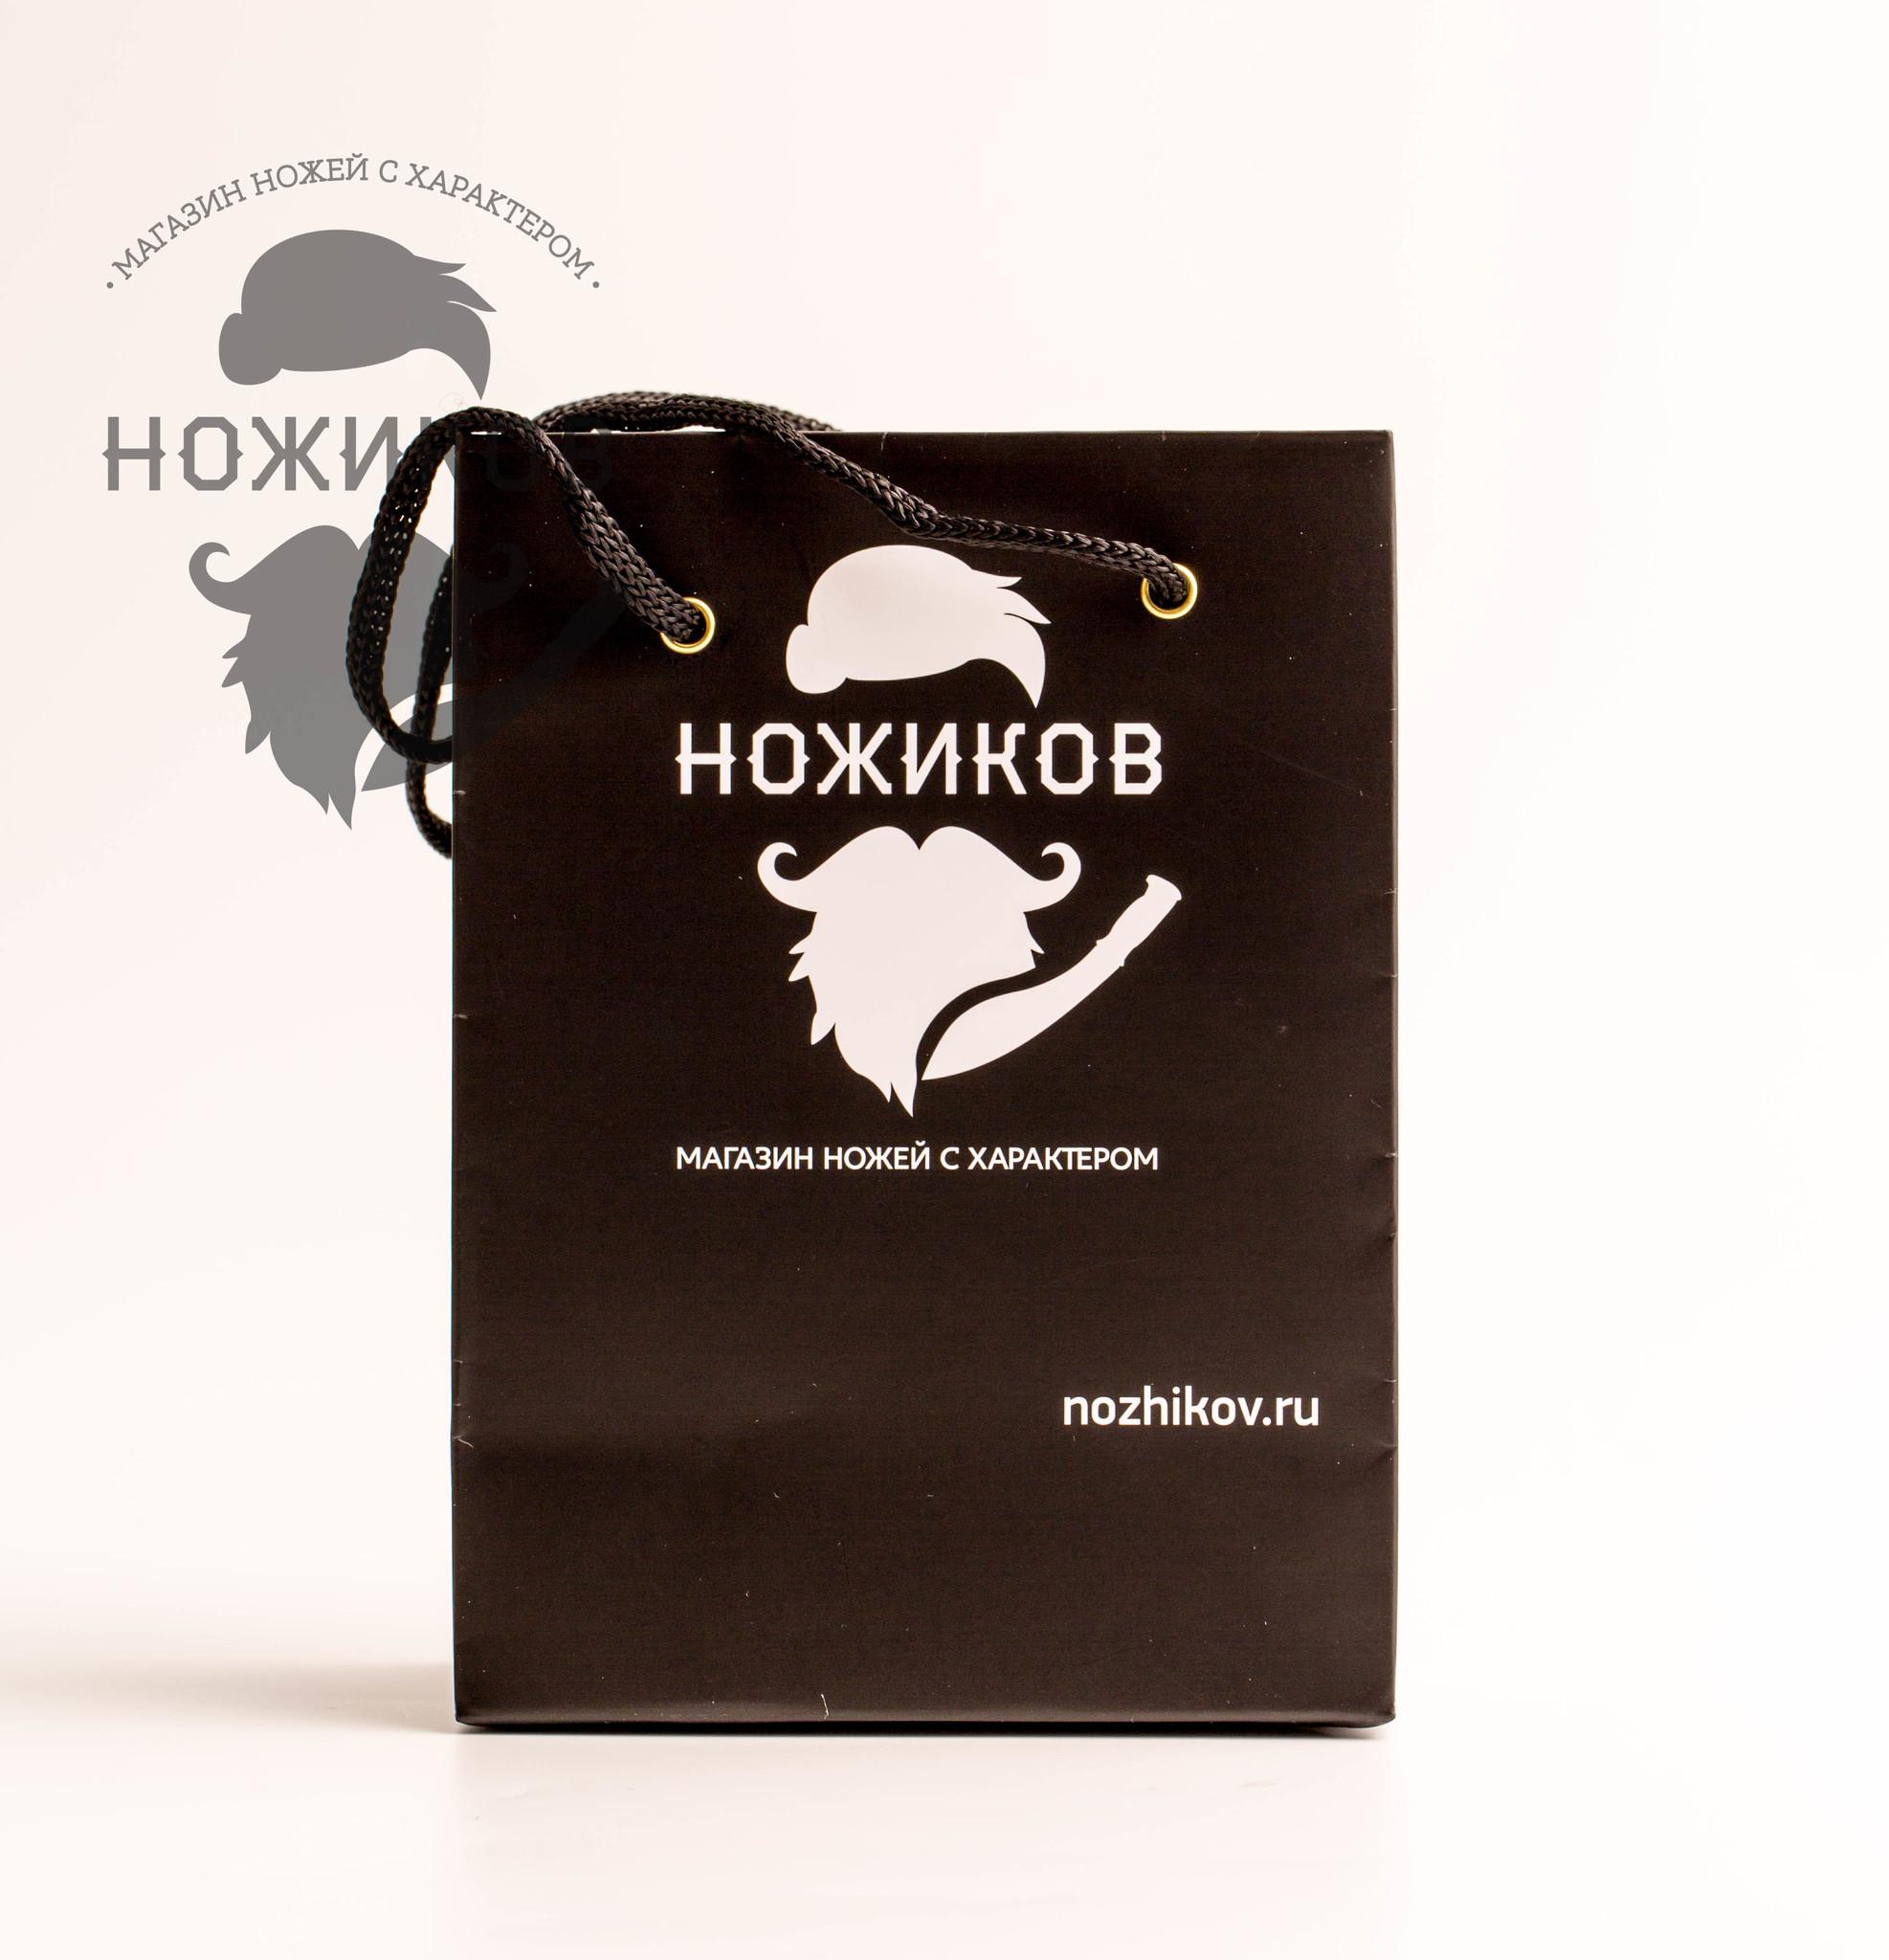 Подарочный пакет для складного ножа от Nozhikov